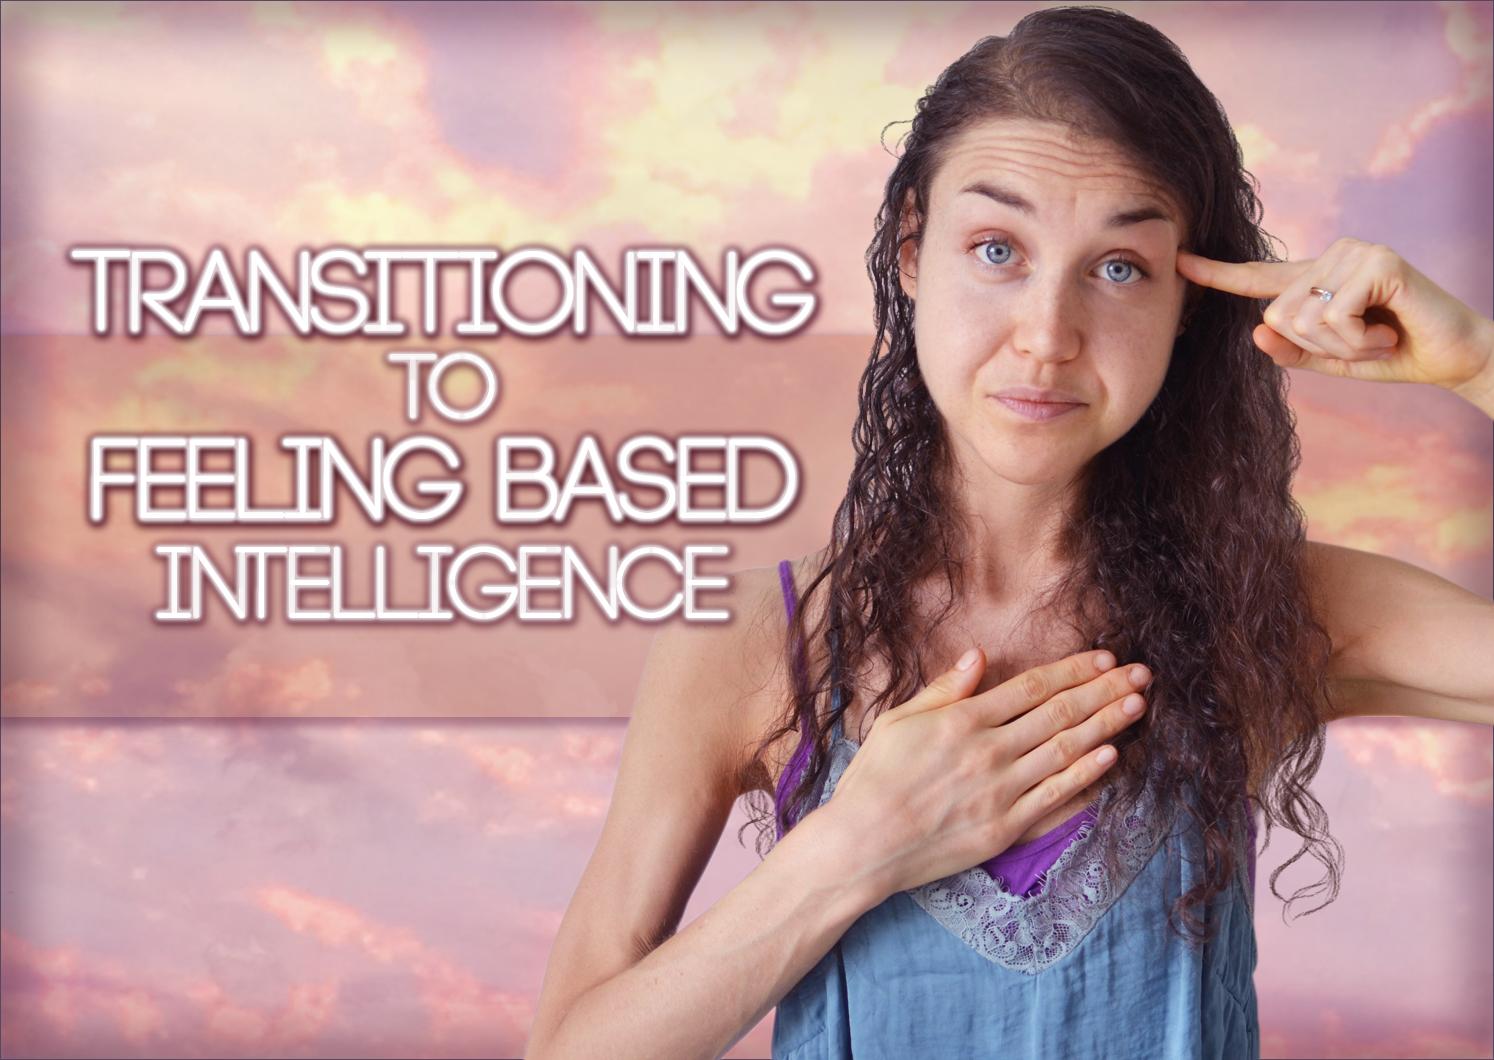 Transitioning To Feeling Based Intelligence